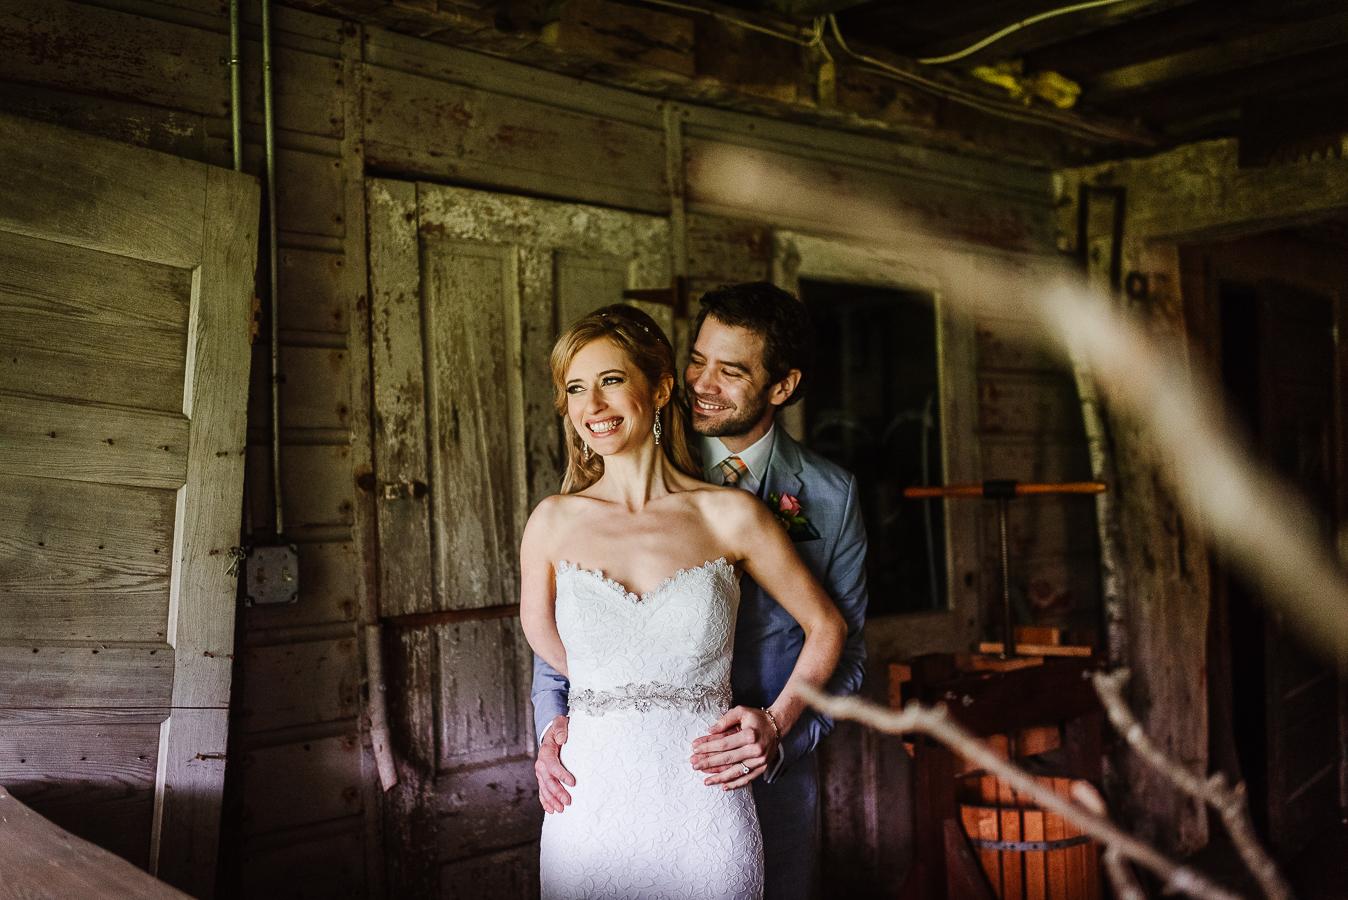 Stylish Crossed Keys Inn Wedding Crossed Keys Wedding Crossed Keys Inn Andover NJ Longbrook Photography-21.jpg